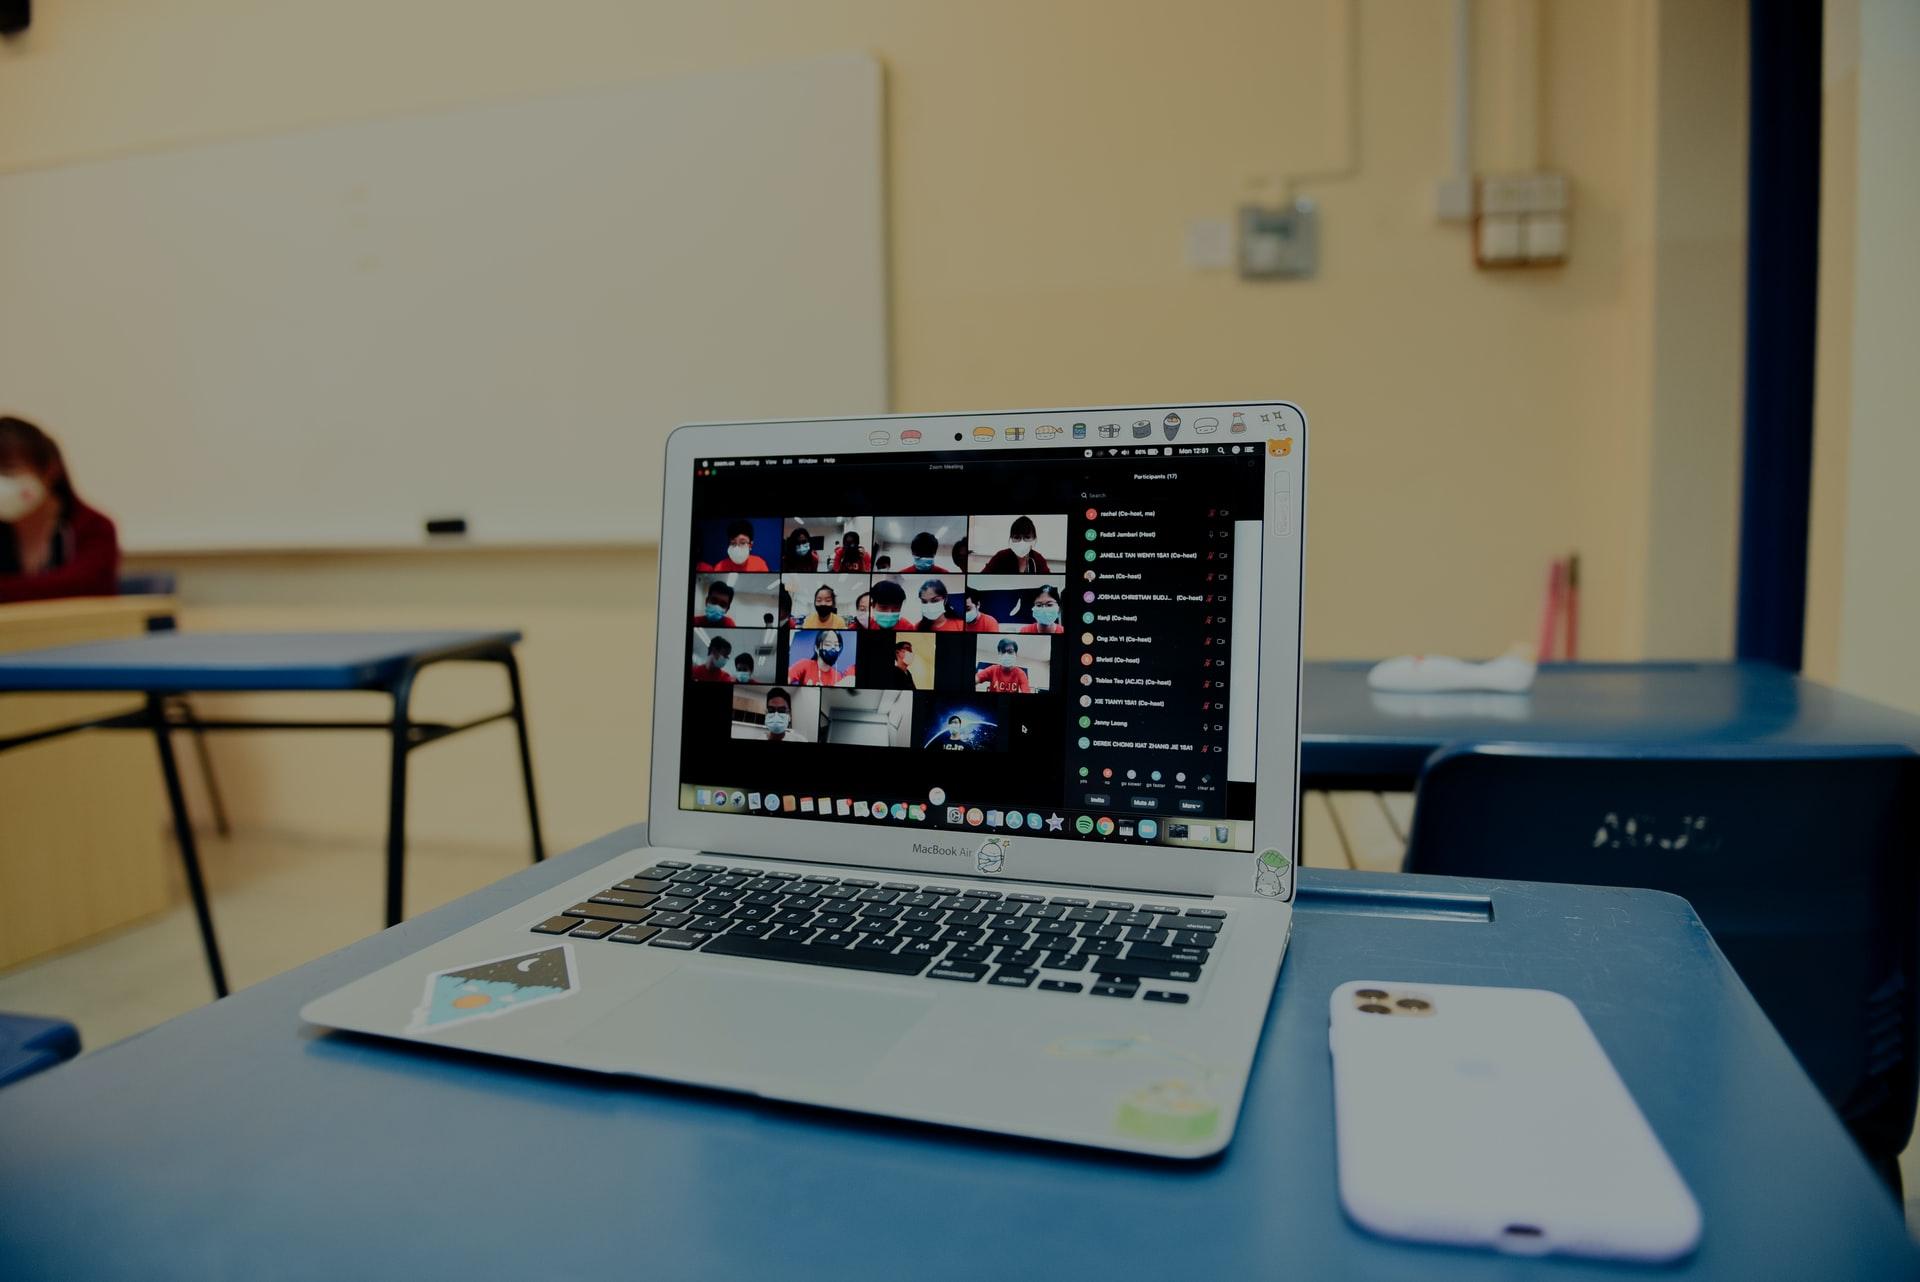 Bliv klogere på e-learning